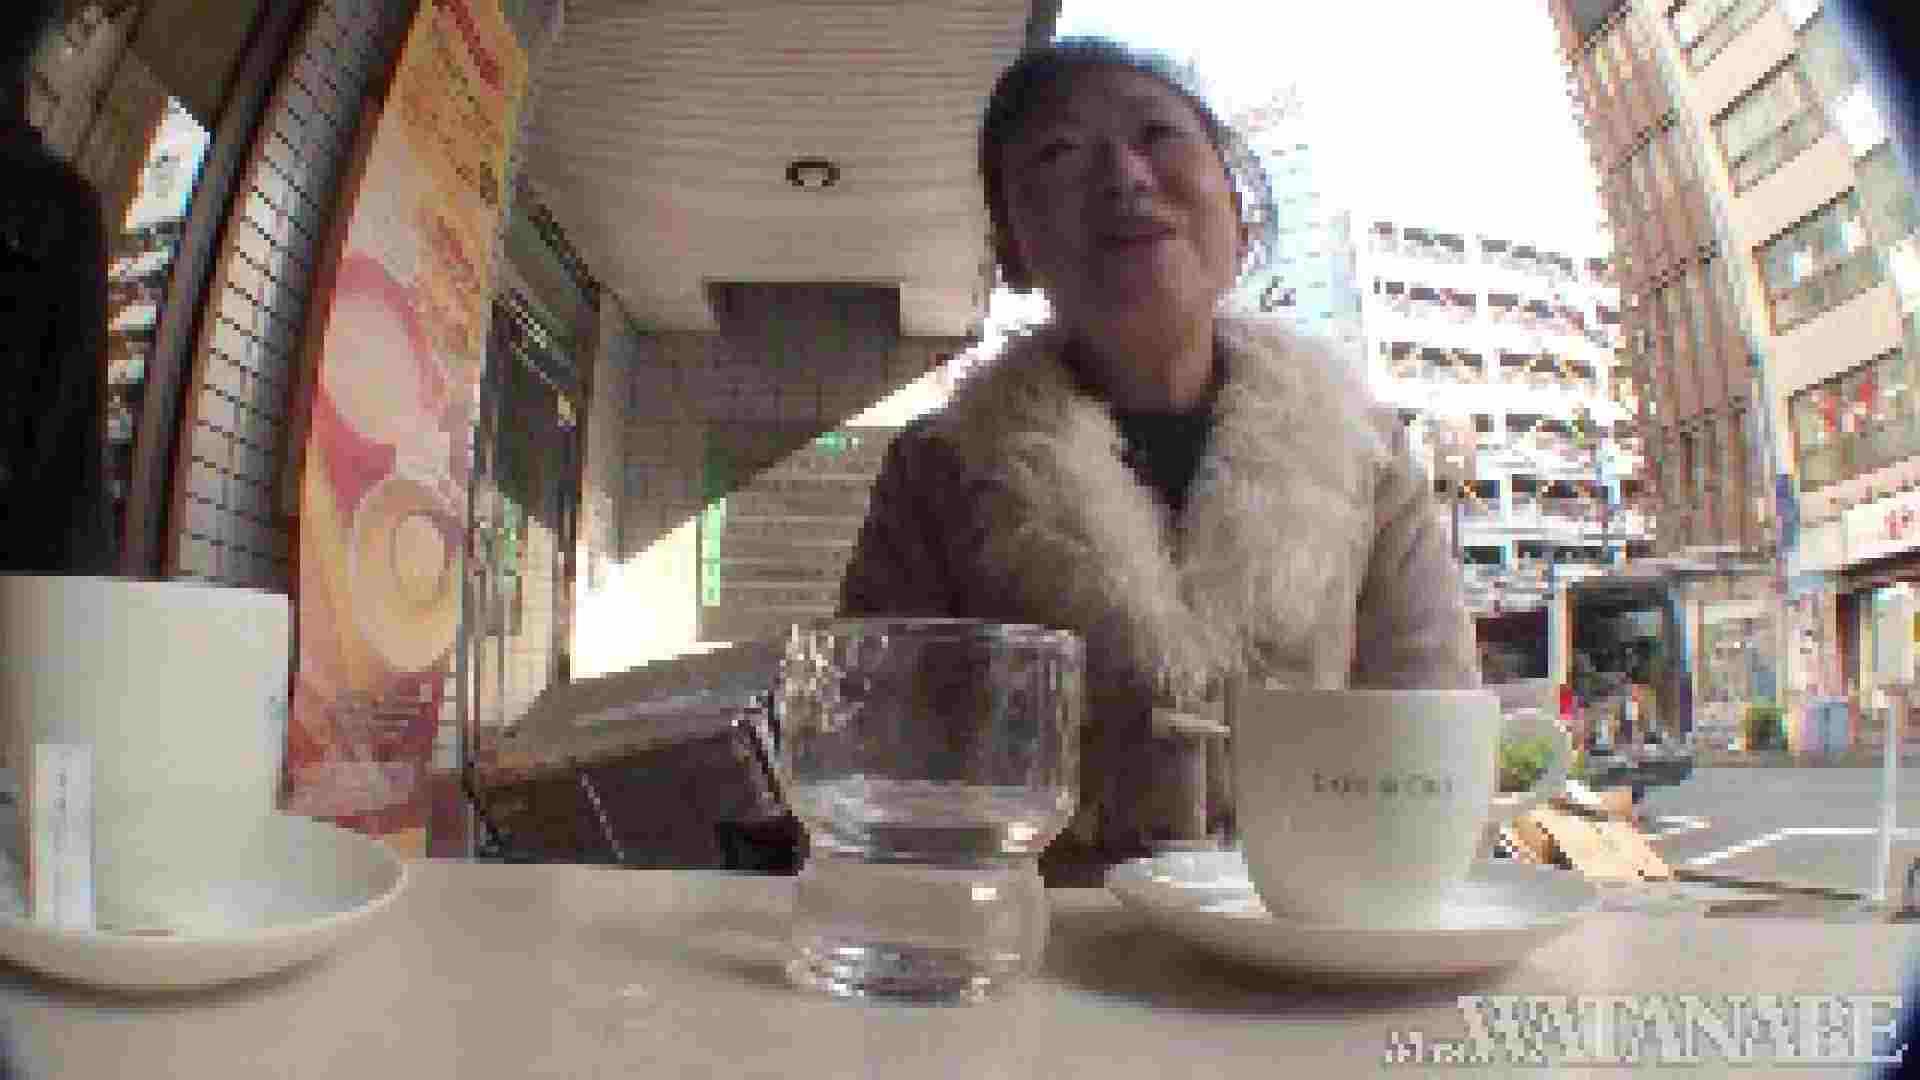 撮影スタッフを誘惑する痴熟女 かおり40歳 Vol.01 素人丸裸 戯れ無修正画像 105pic 32